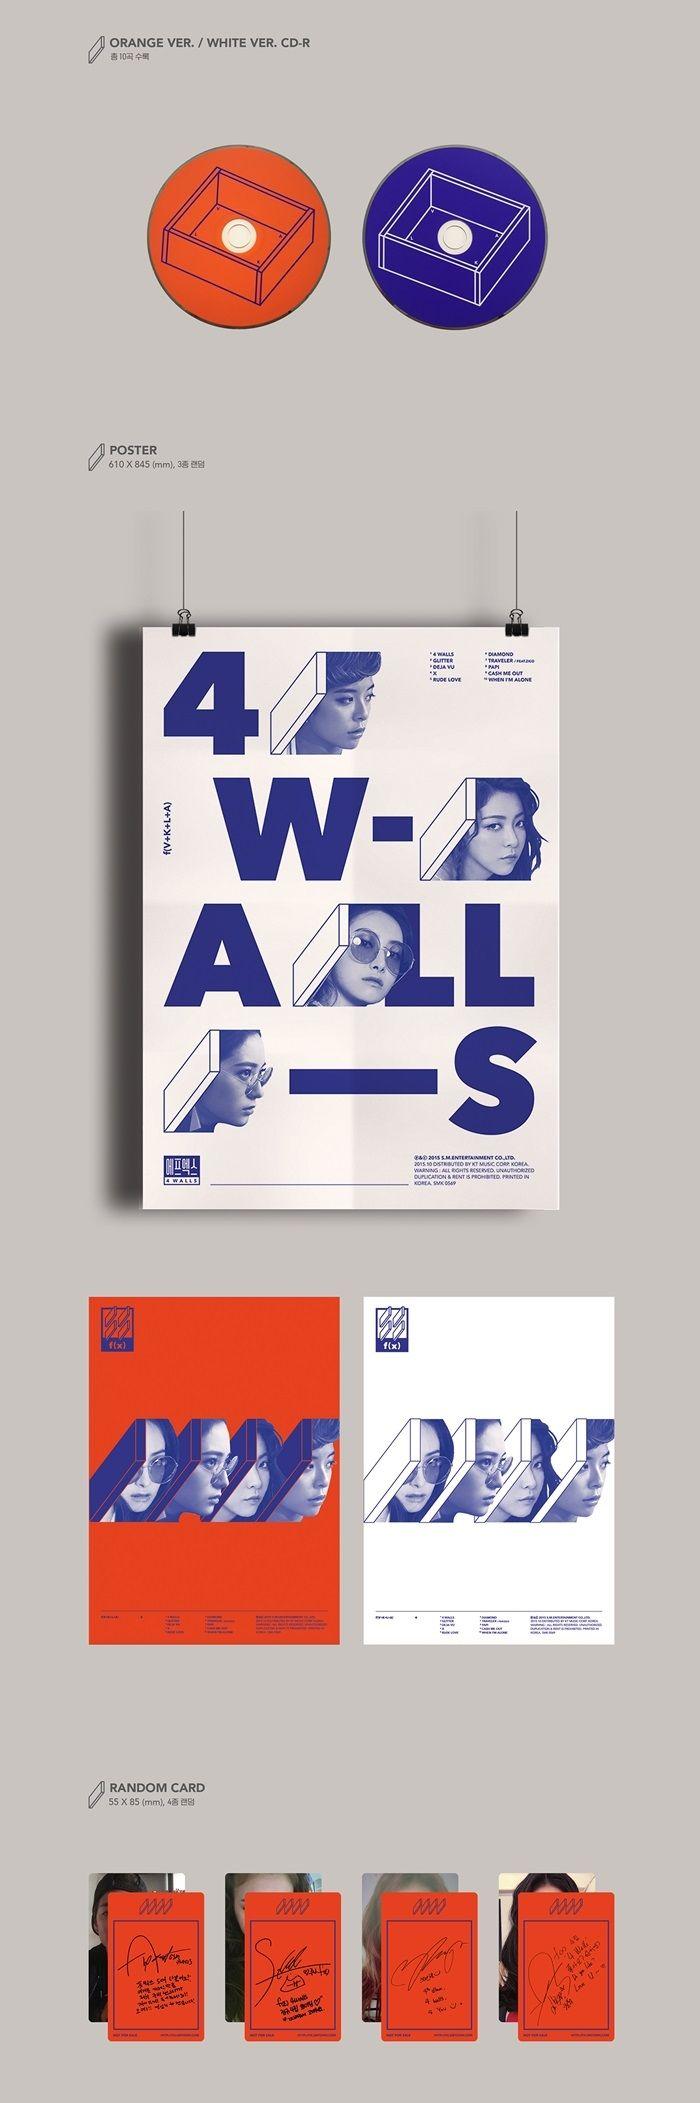 [앨범디자인] f(x) 4walls 앨범디자인 : 네이버 블로그